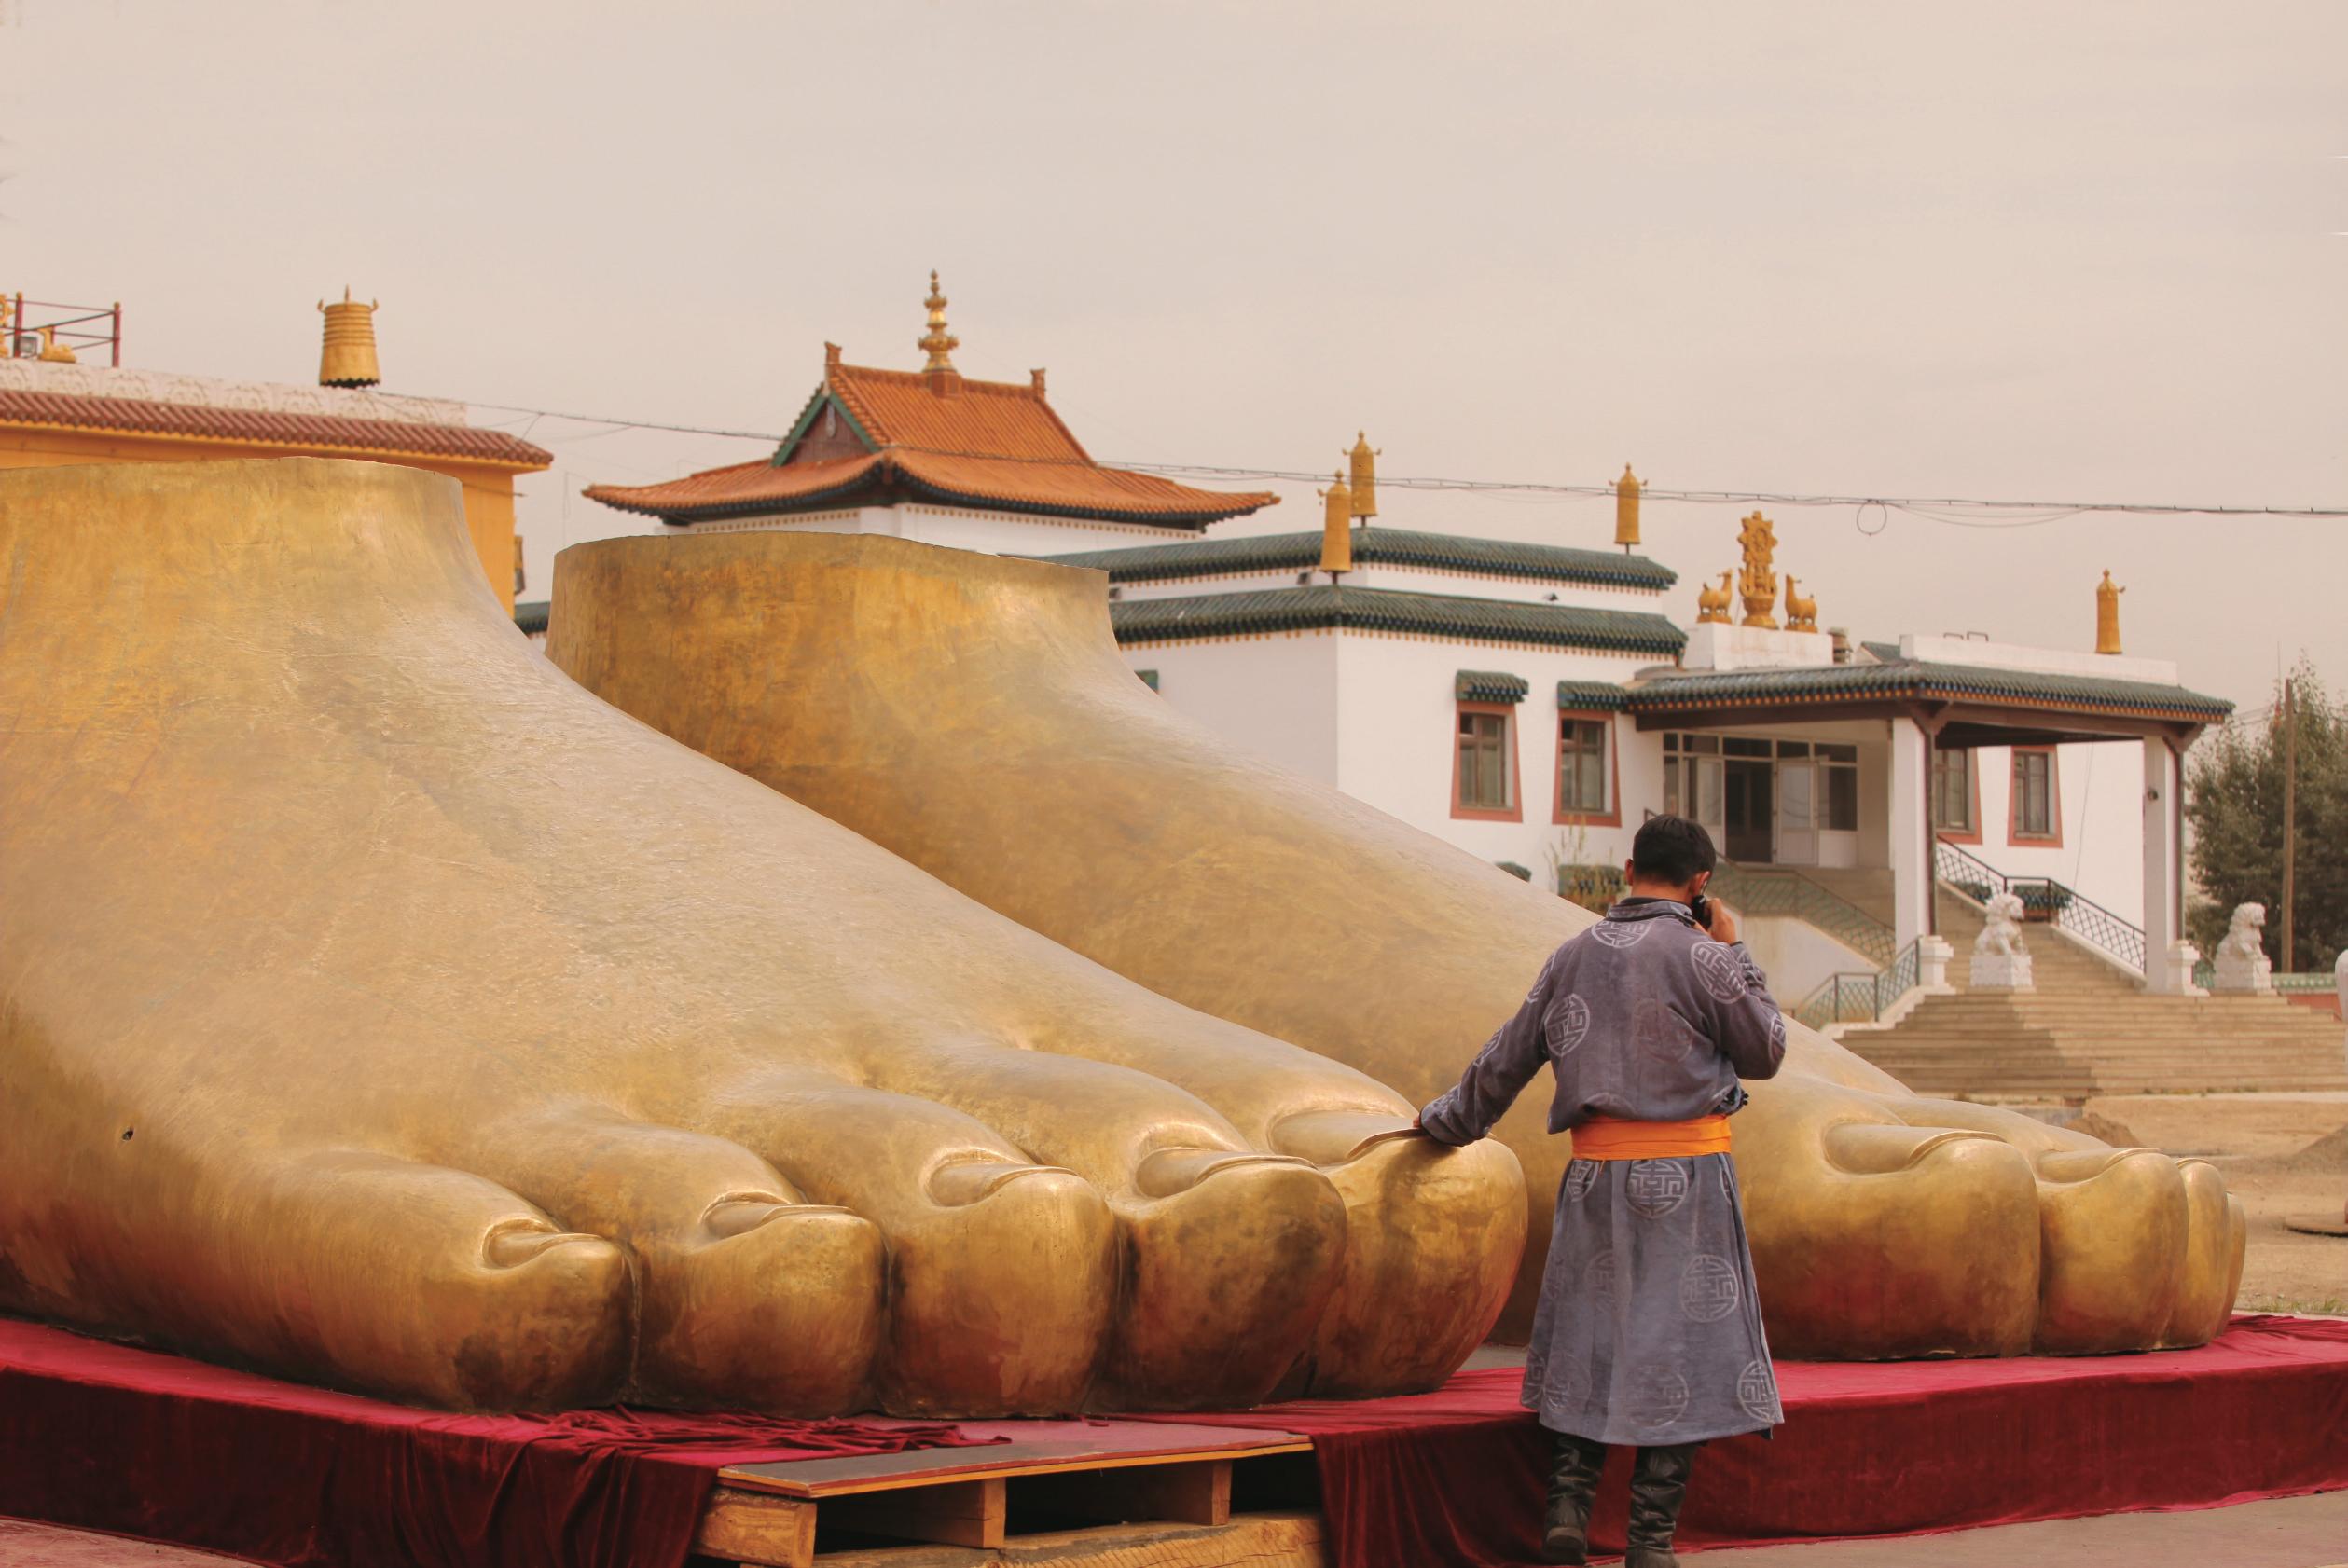 Gandan Khiid, casa do líder espiritual Khamba Lamba, em Ulan Bator, na Mongólia